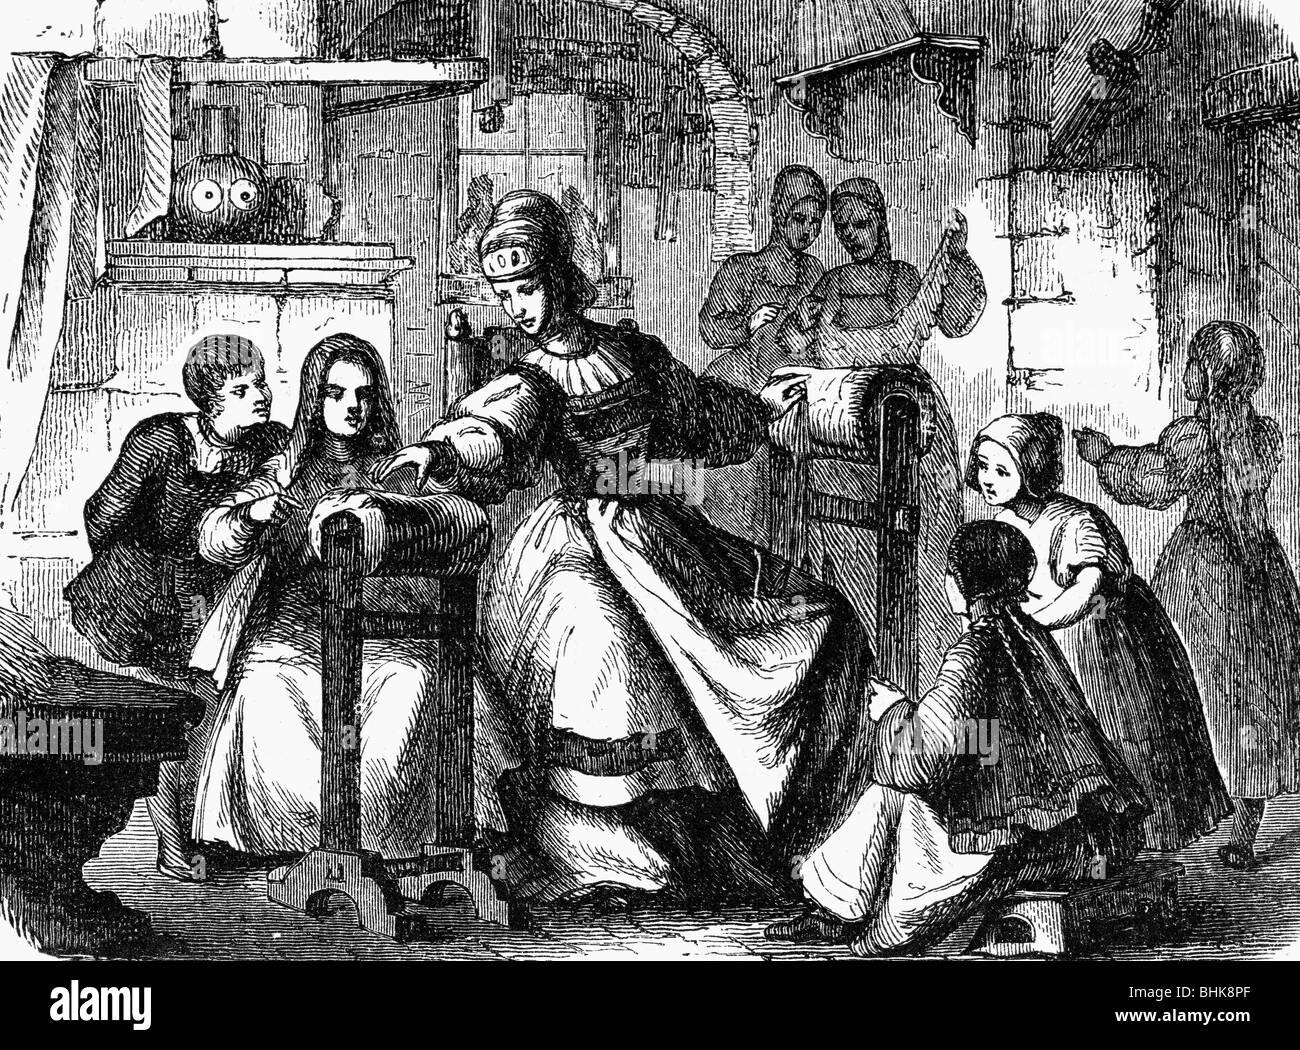 Uttmann, Barbara, 1514 - 15.10.1575, German businesswoman, teaching to make bobbin lace, wood engraving, 19th century, - Stock Image